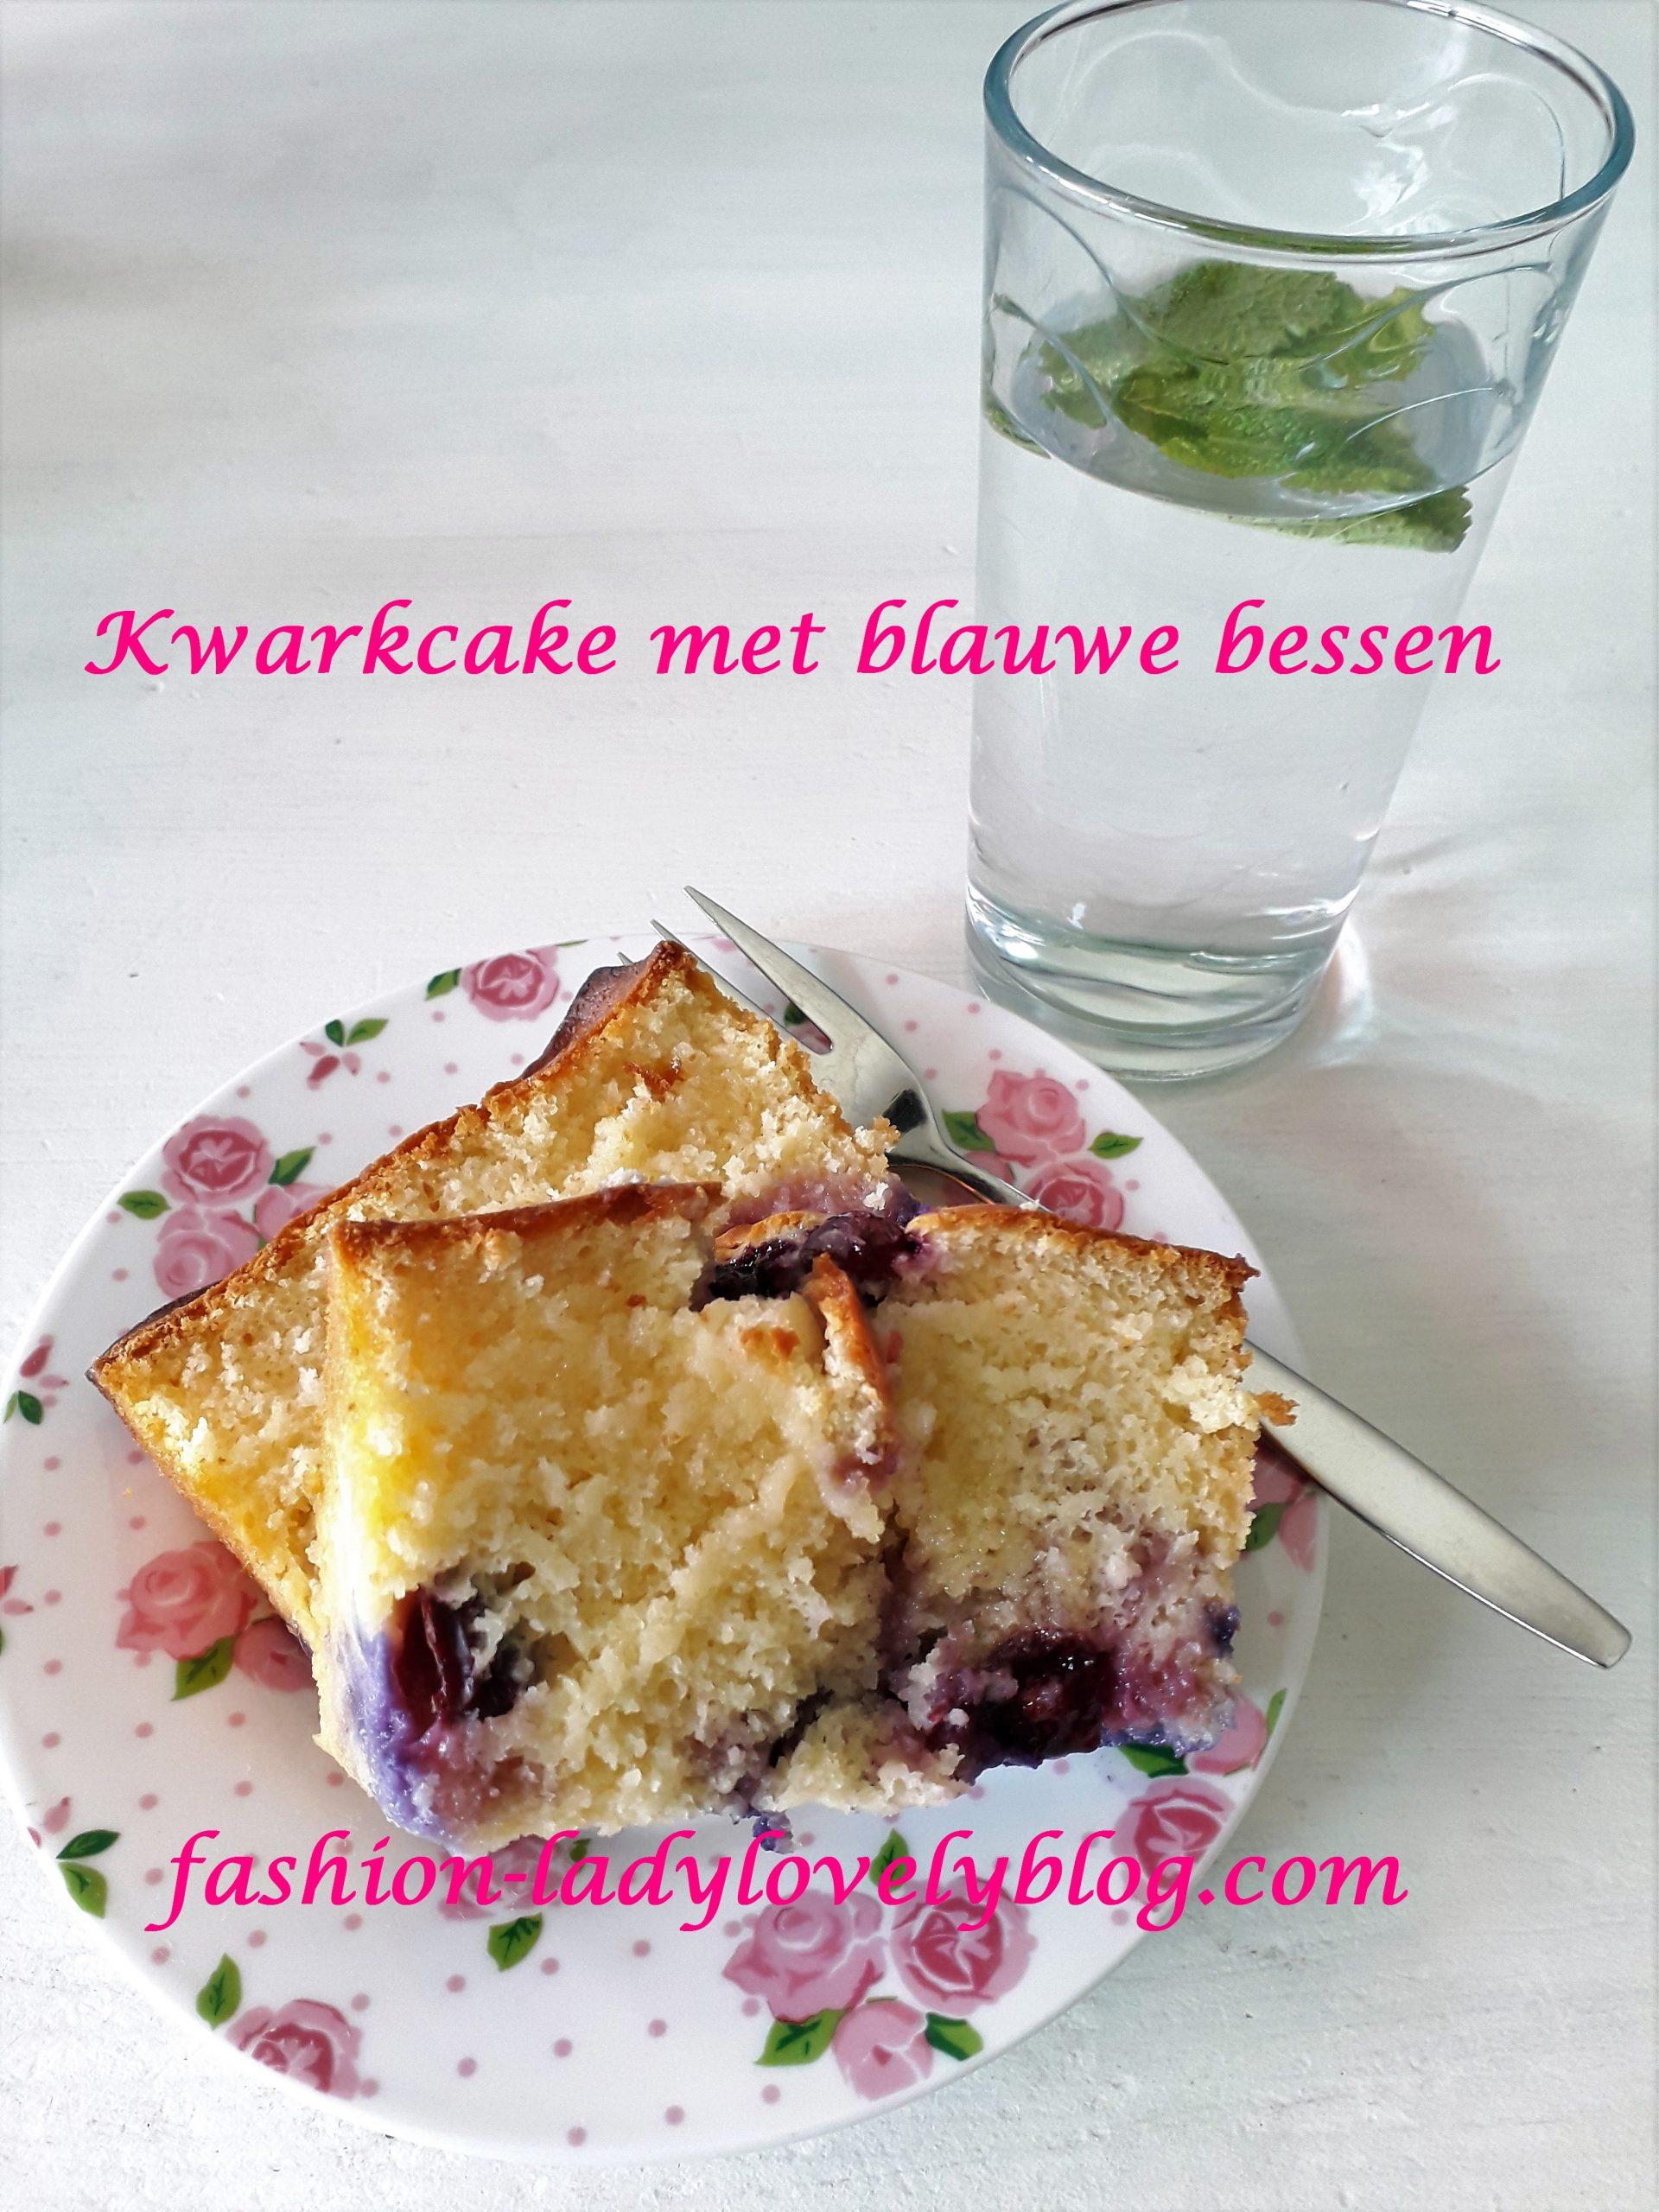 Kwartcake met blauwe bessen